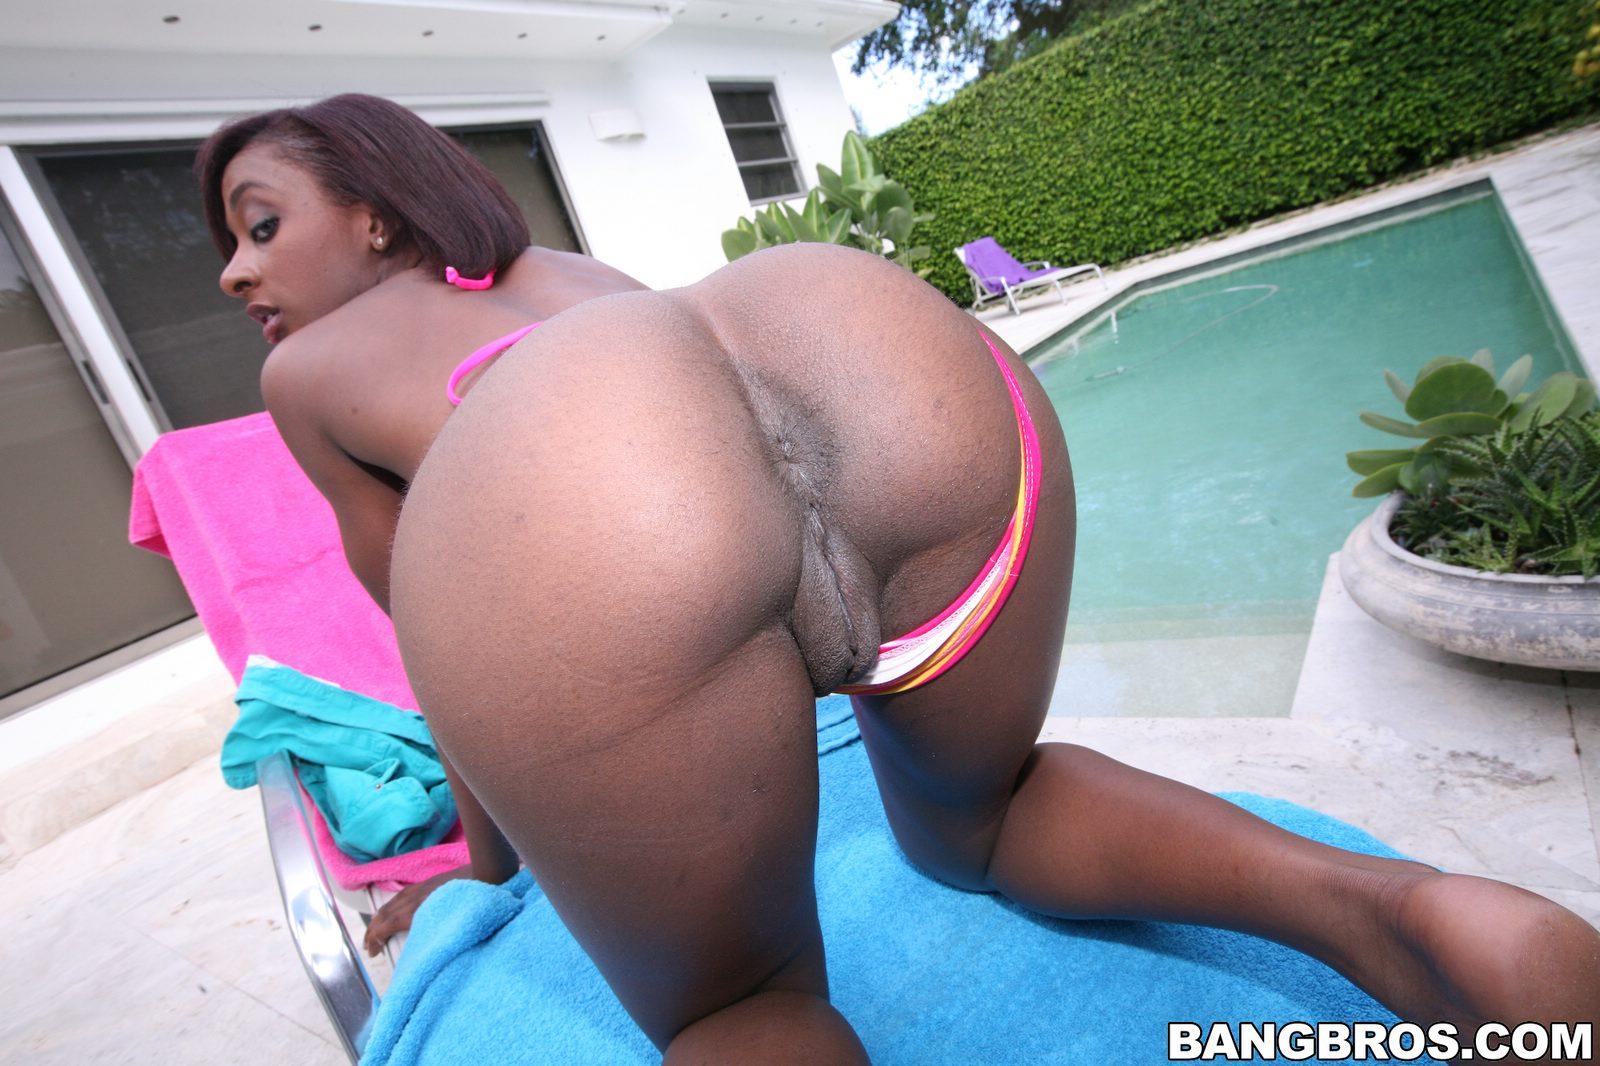 escort amy girl gets fucked